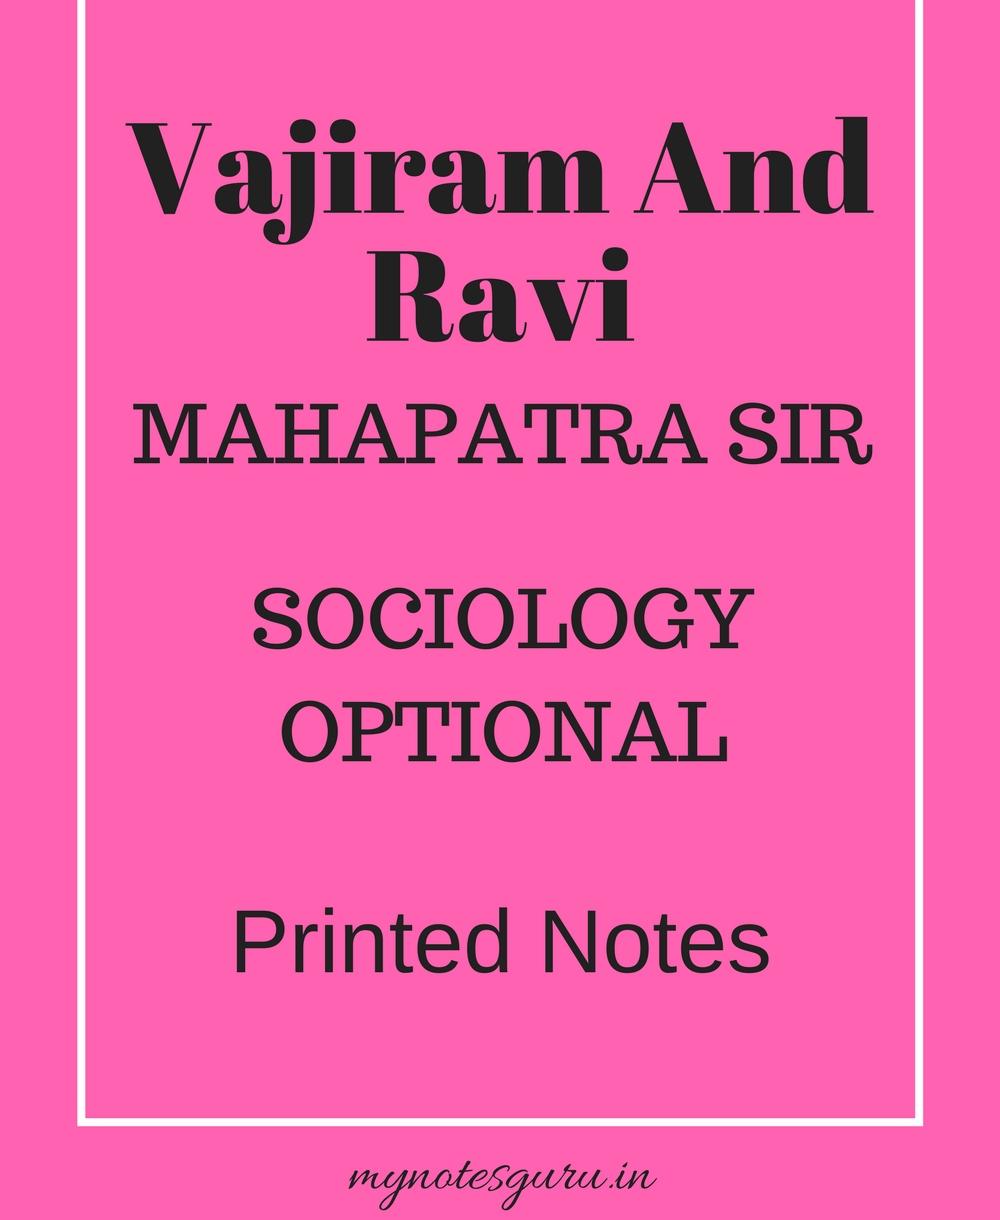 Vajiram And Ravi - Mahapatra Sir - Sociology Optional - Printed Notes